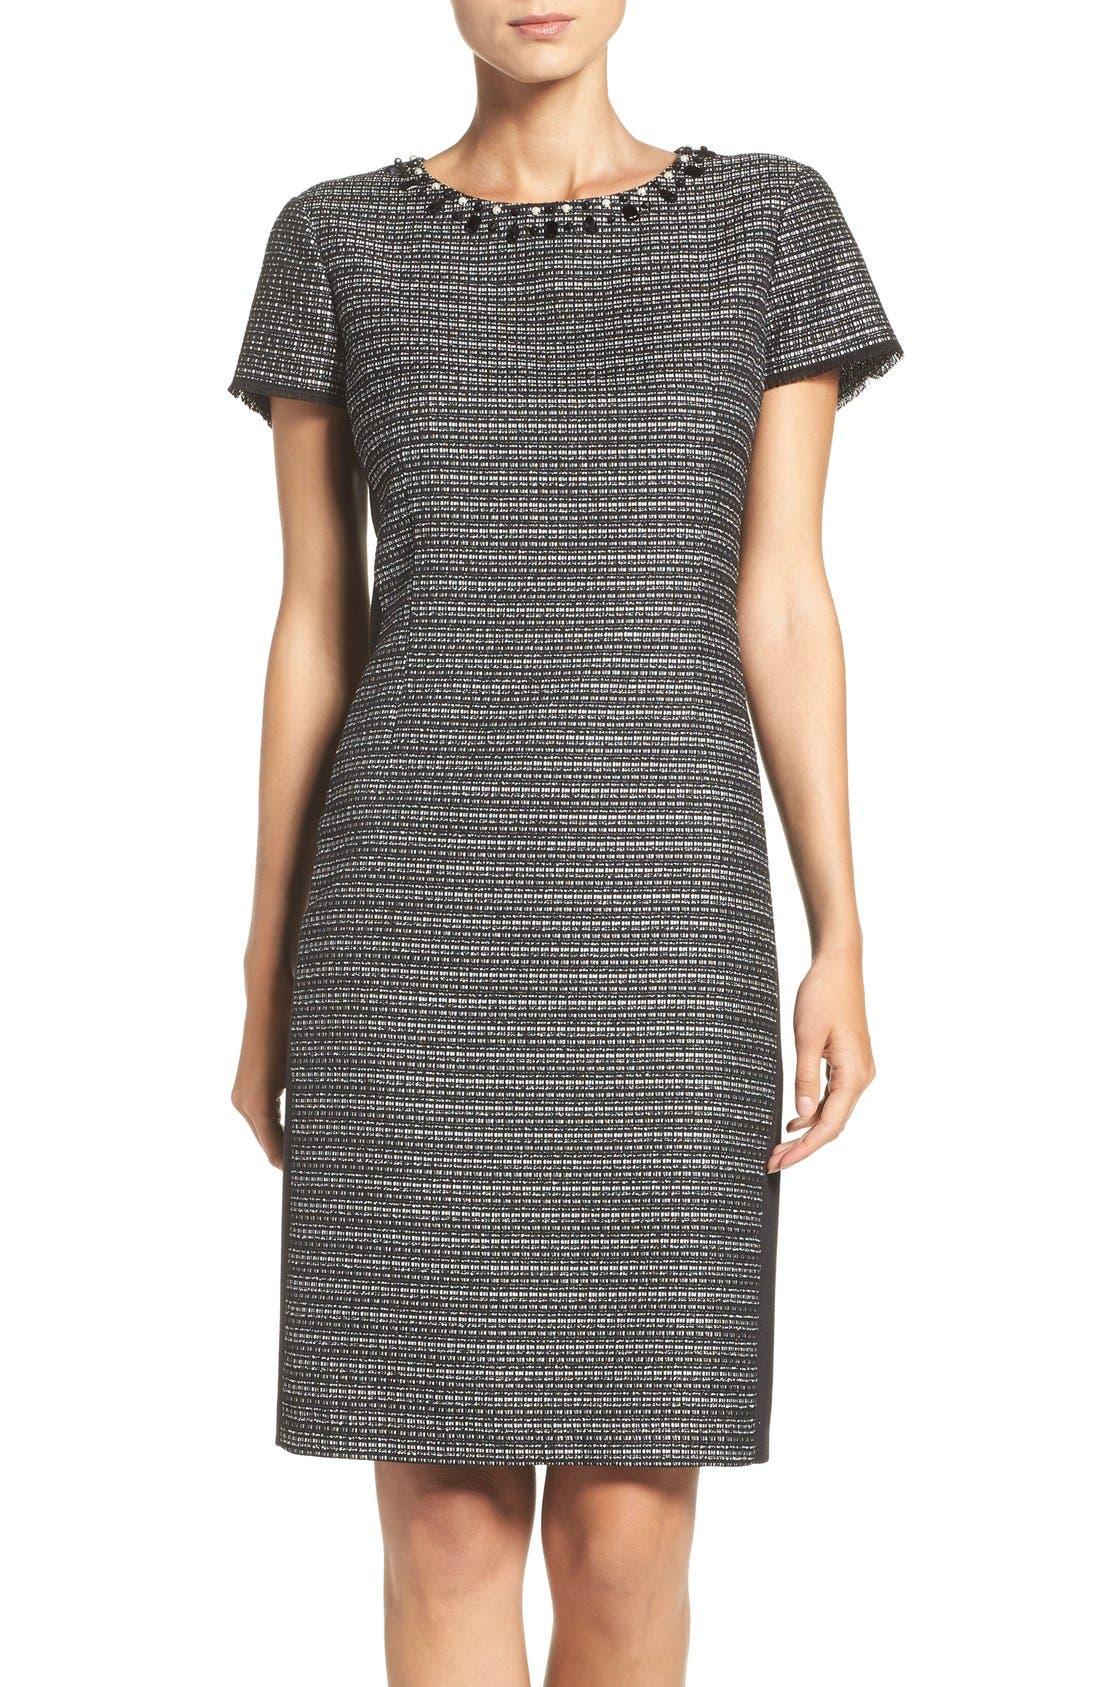 Alternate Image 1 Selected - Ellen Tracy Embellished Tweed Shift Dress (Regular & Petite)